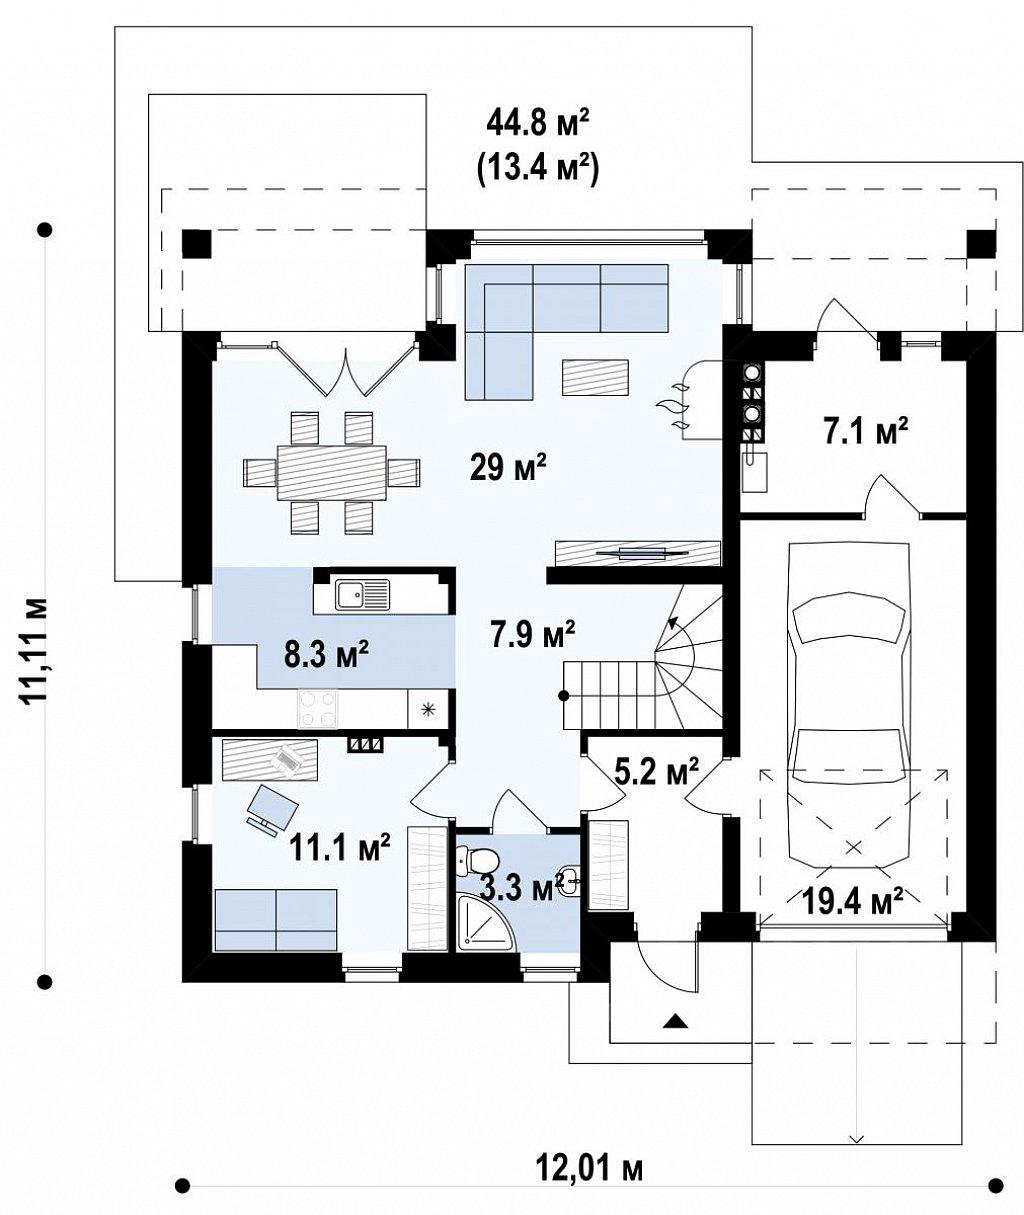 Практичный дом со встроенными гаражом, с большой площадью остекления в гостиной. план помещений 1